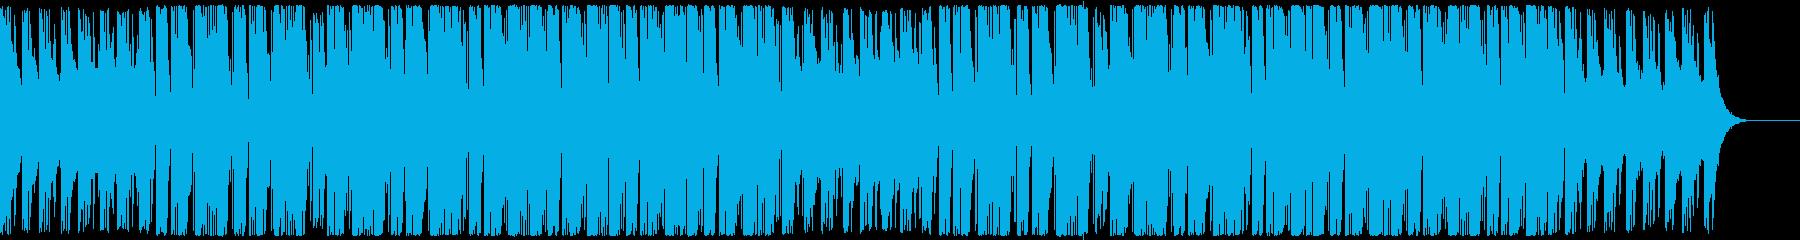 透明感のあるクラブサウンド CM企業VPの再生済みの波形